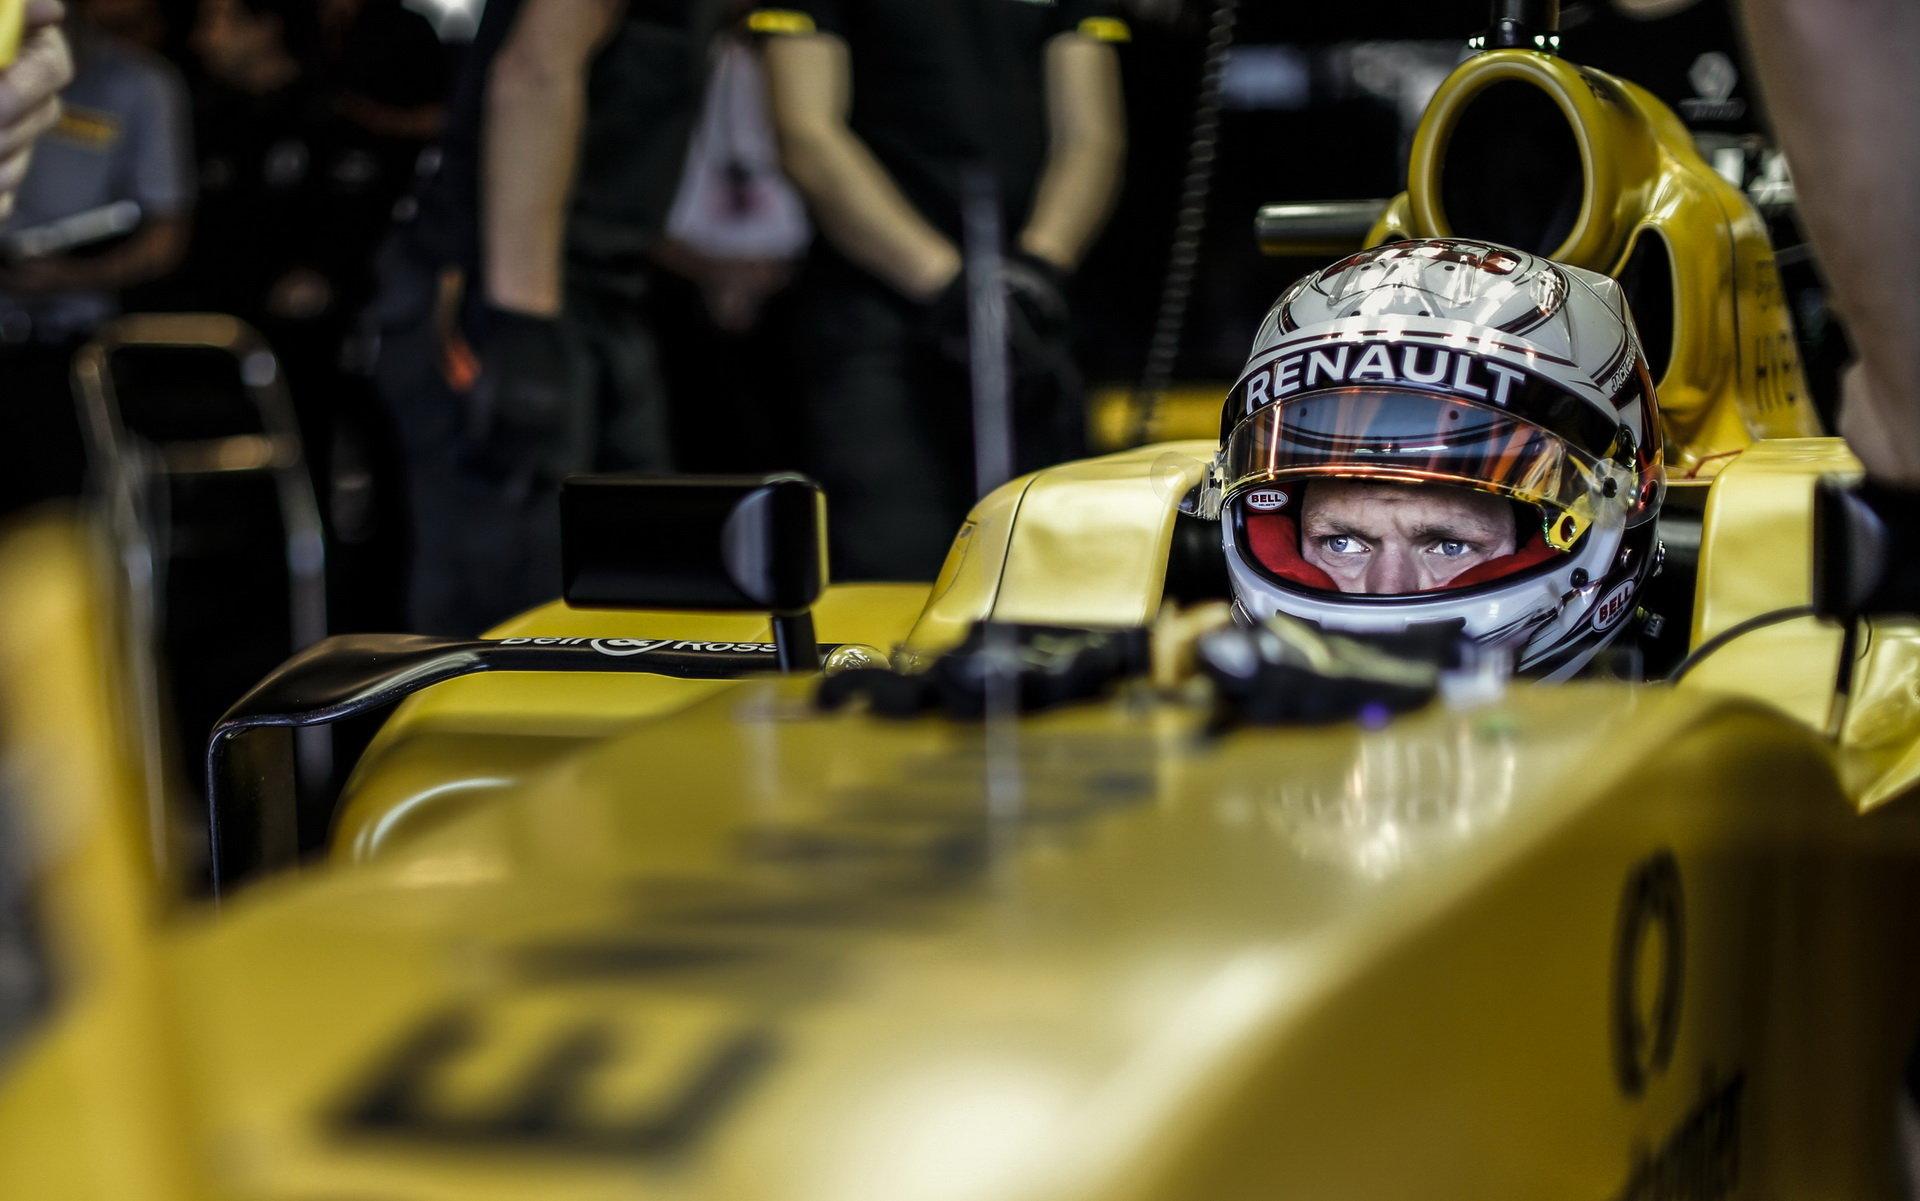 Magnussen obhajuje manévr, za který byl po závodě potrestán - anotační obrázek